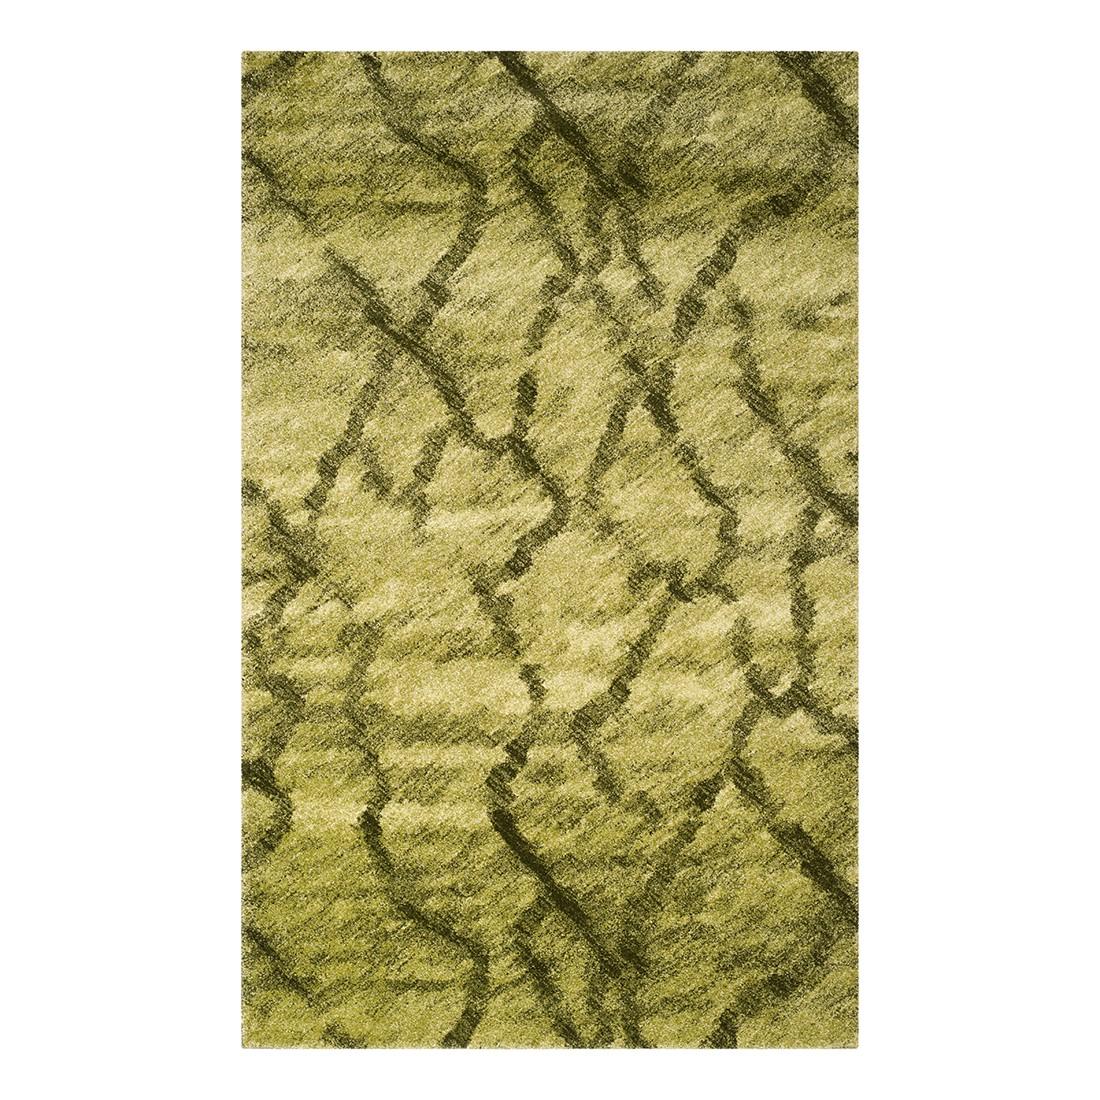 Teppich Maxwell – Grün – 122 x 183 cm, Safavieh günstig bestellen